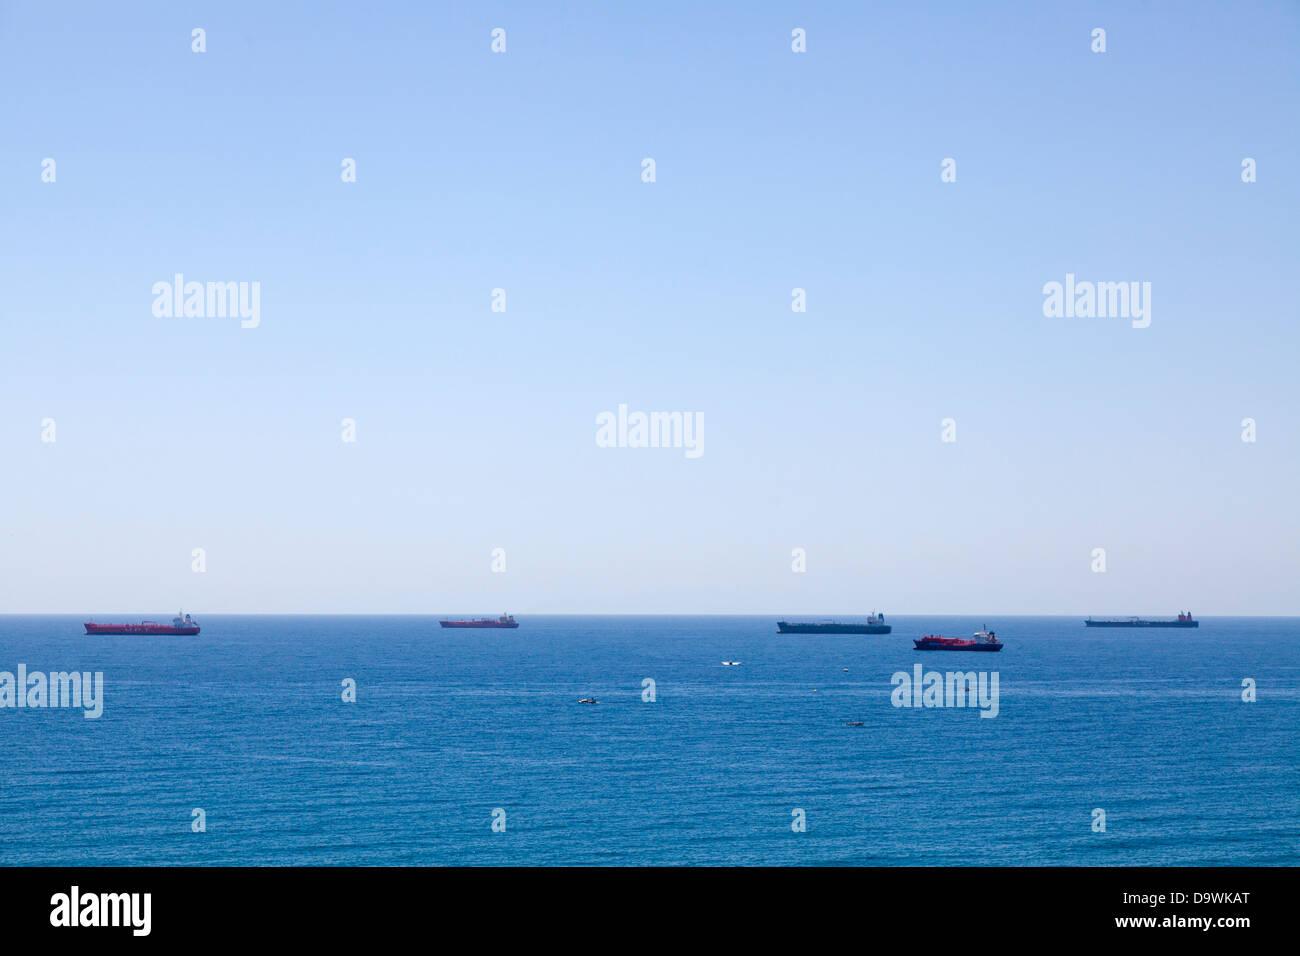 Le petroliere e navi container passing off Tarragona nel Mediterraneo. Immagini Stock